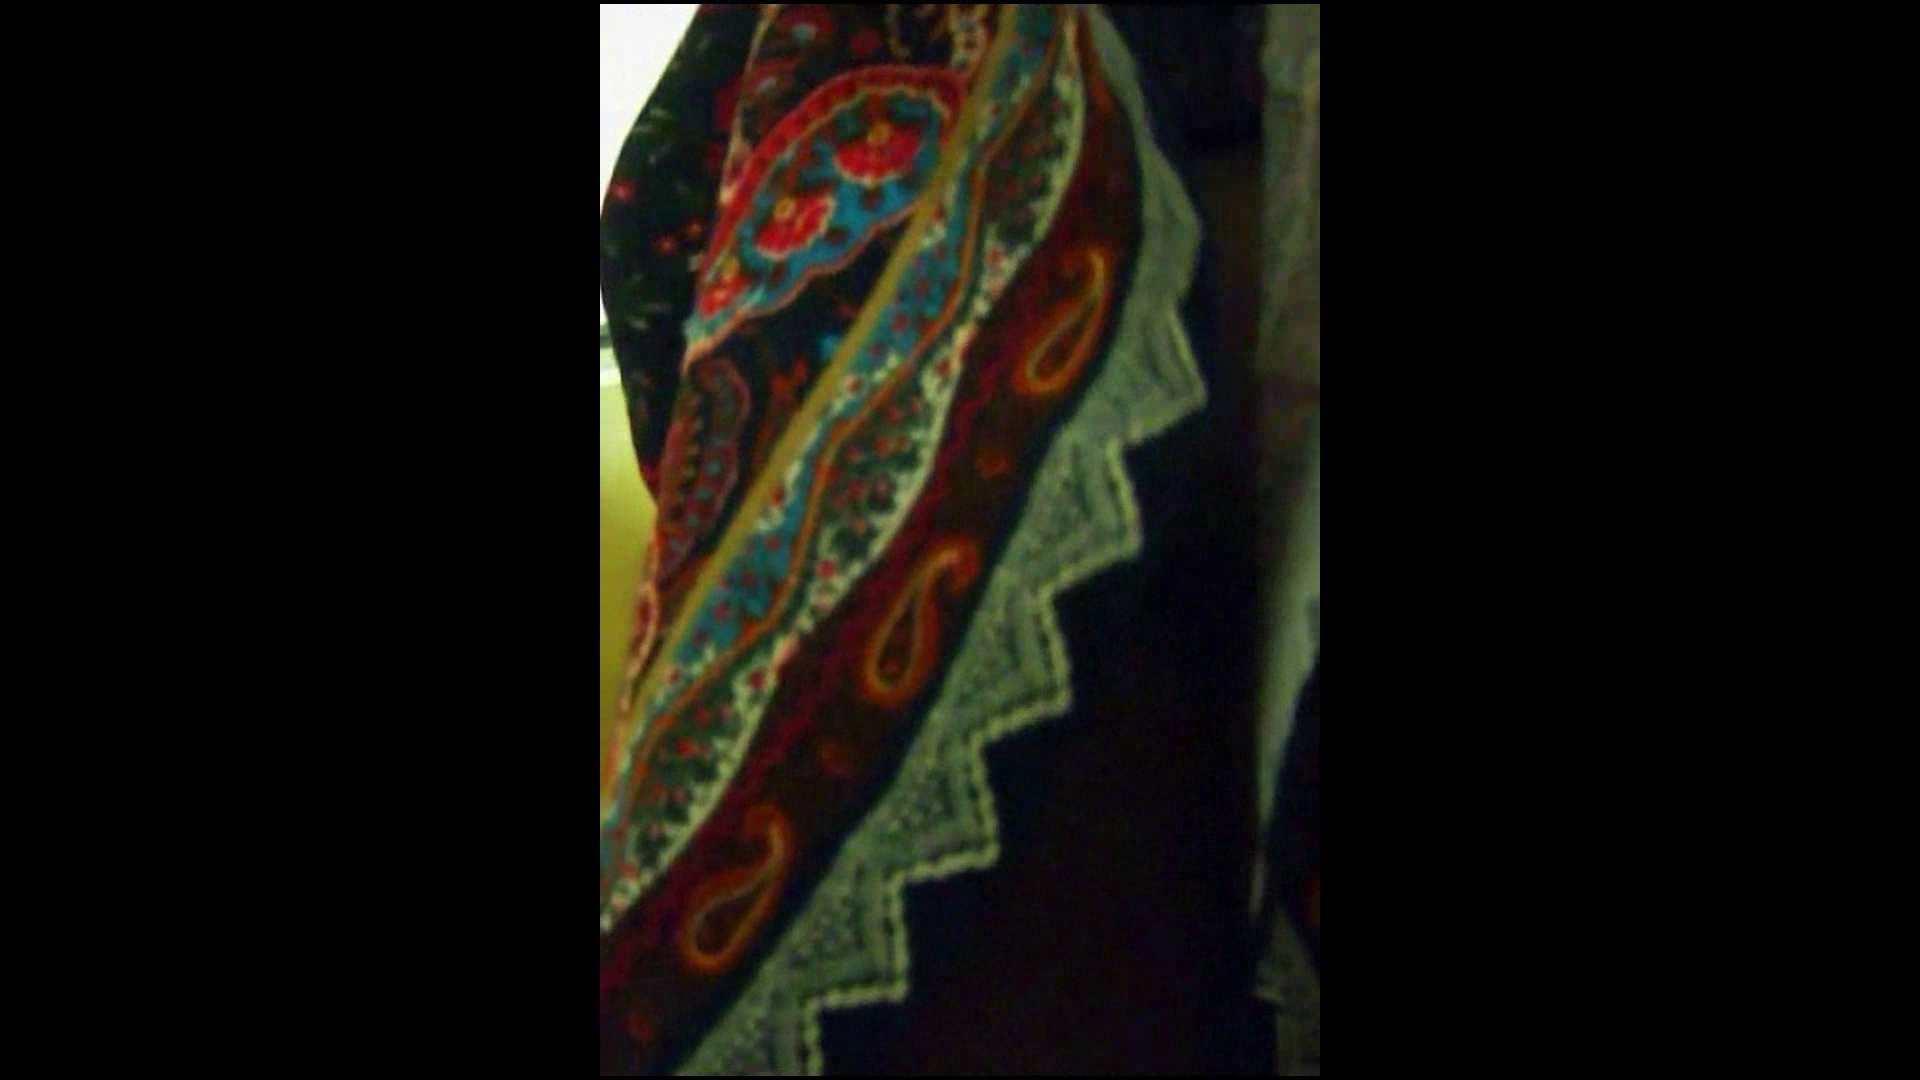 綺麗なモデルさんのスカート捲っちゃおう‼vol05 超エロモデル | 超エロお姉さん  98枚 64